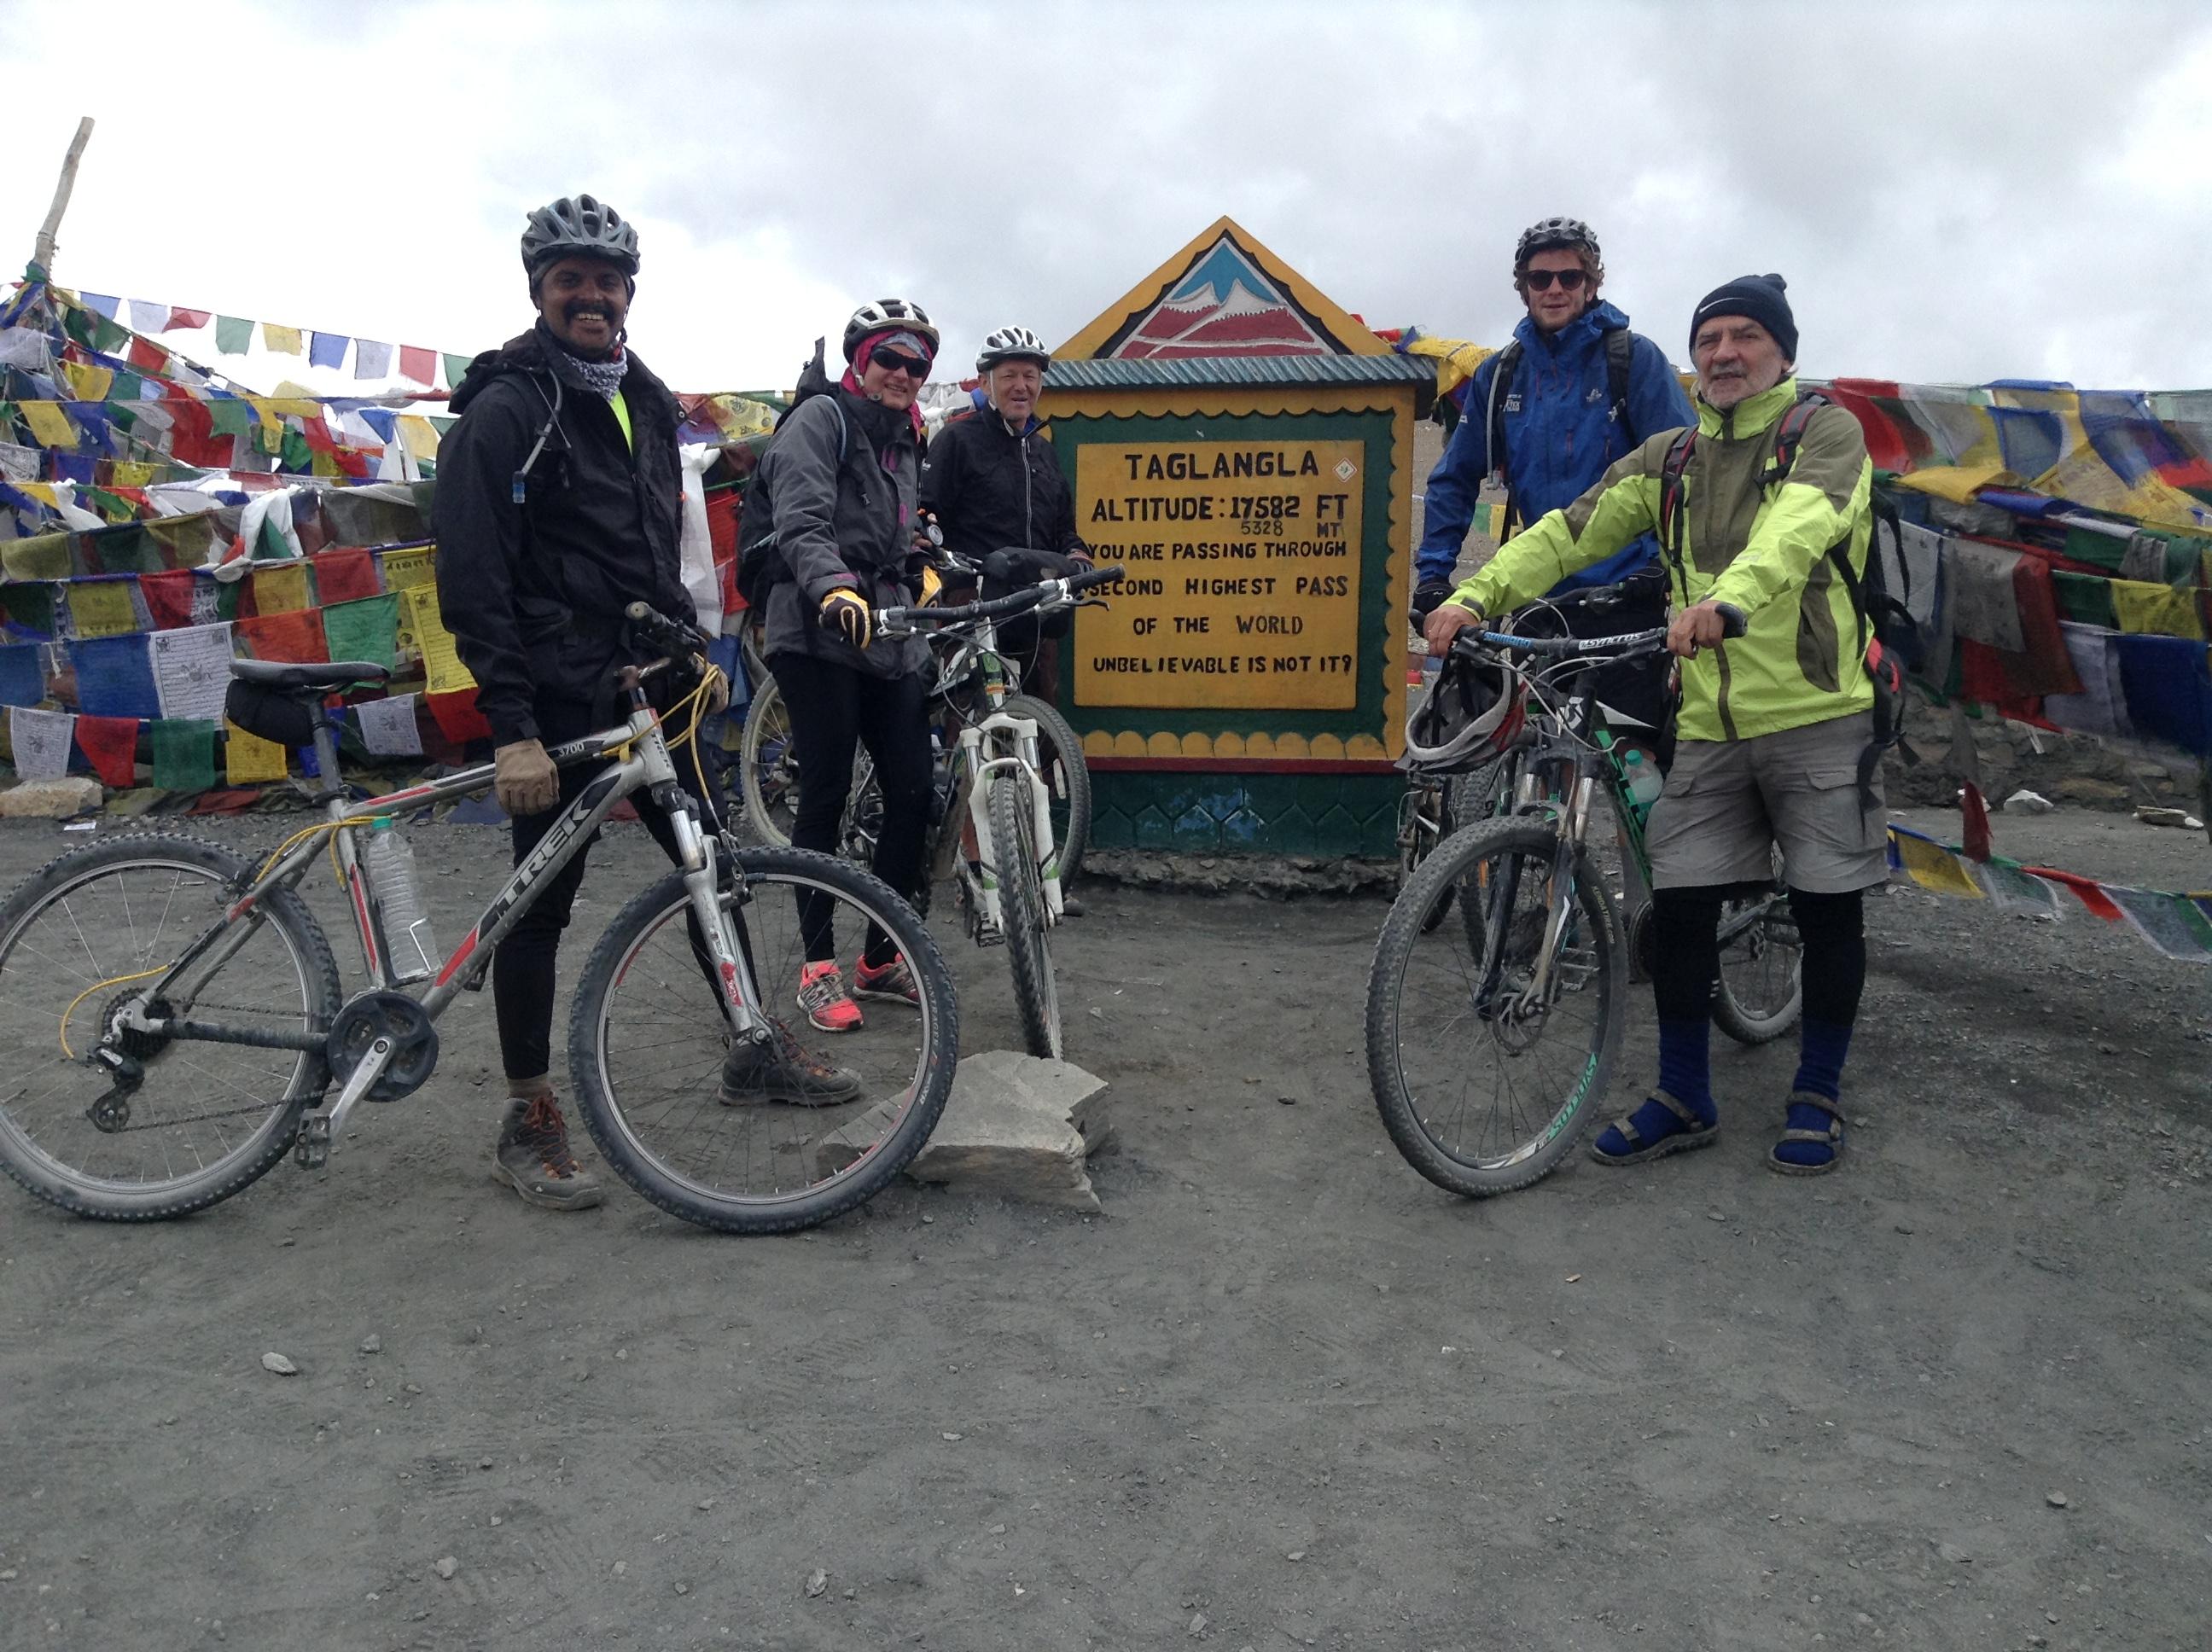 Gipfelfoto am zweit höchsten Pass der Erde